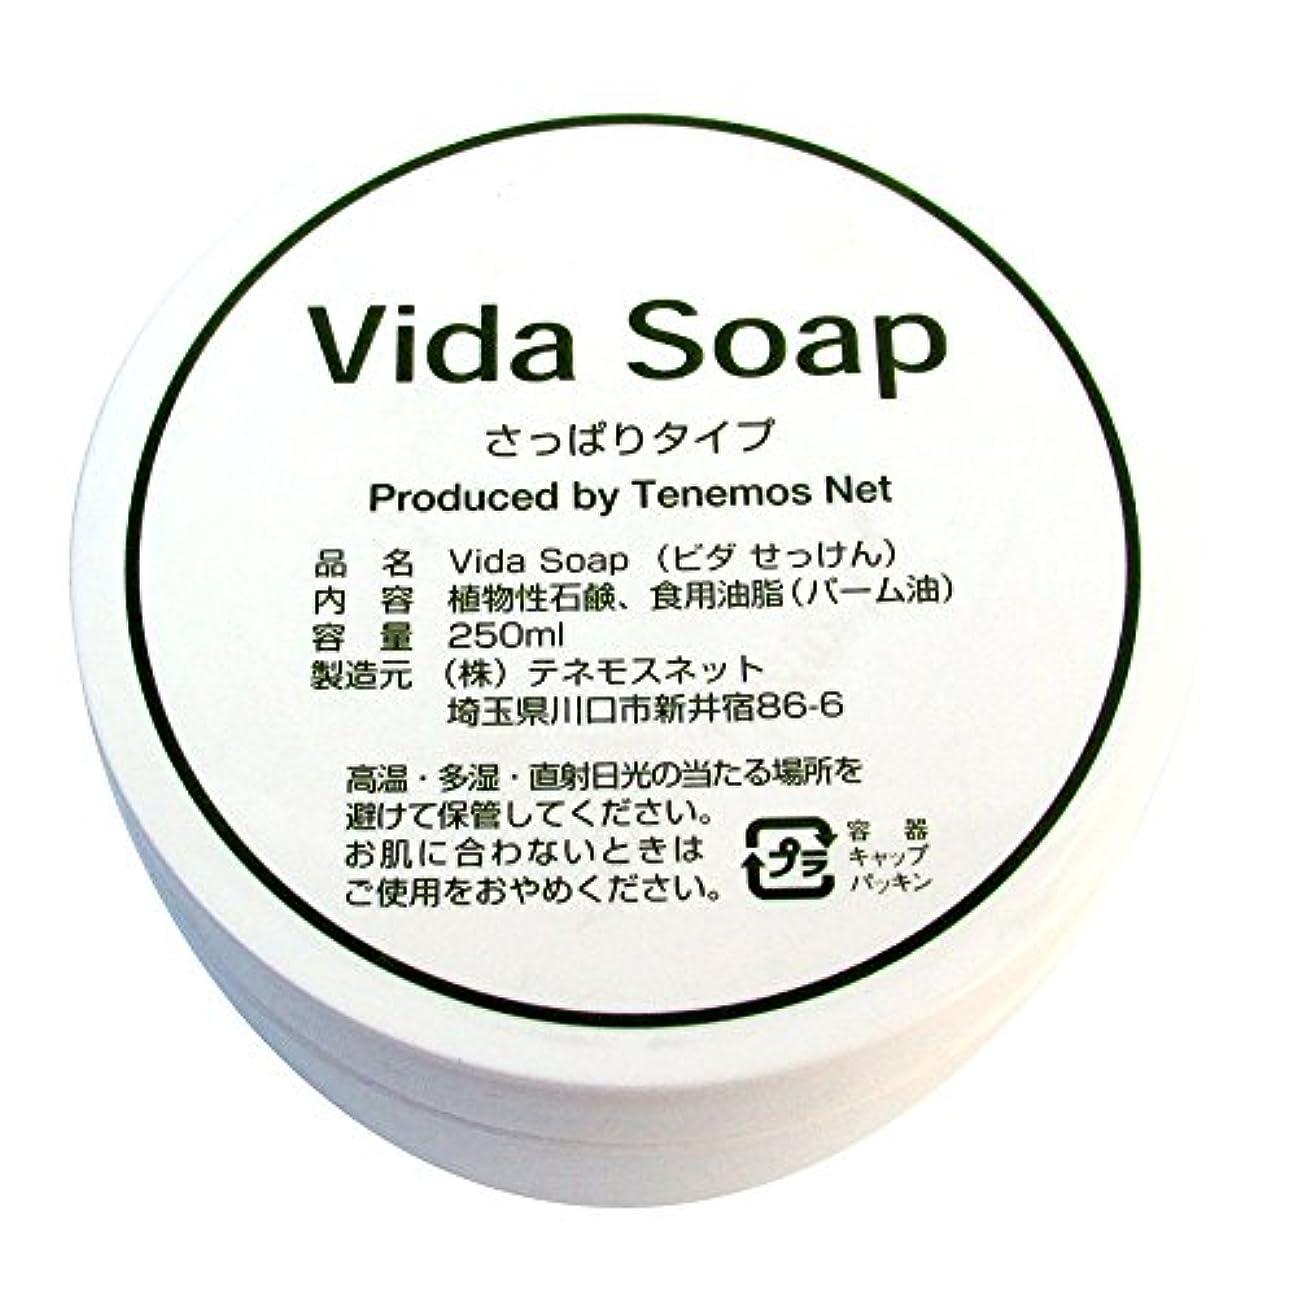 層ニュージーランド過度にテネモス ビダせっけん Vida Soap さっぱりノーマル 植物性 250ml